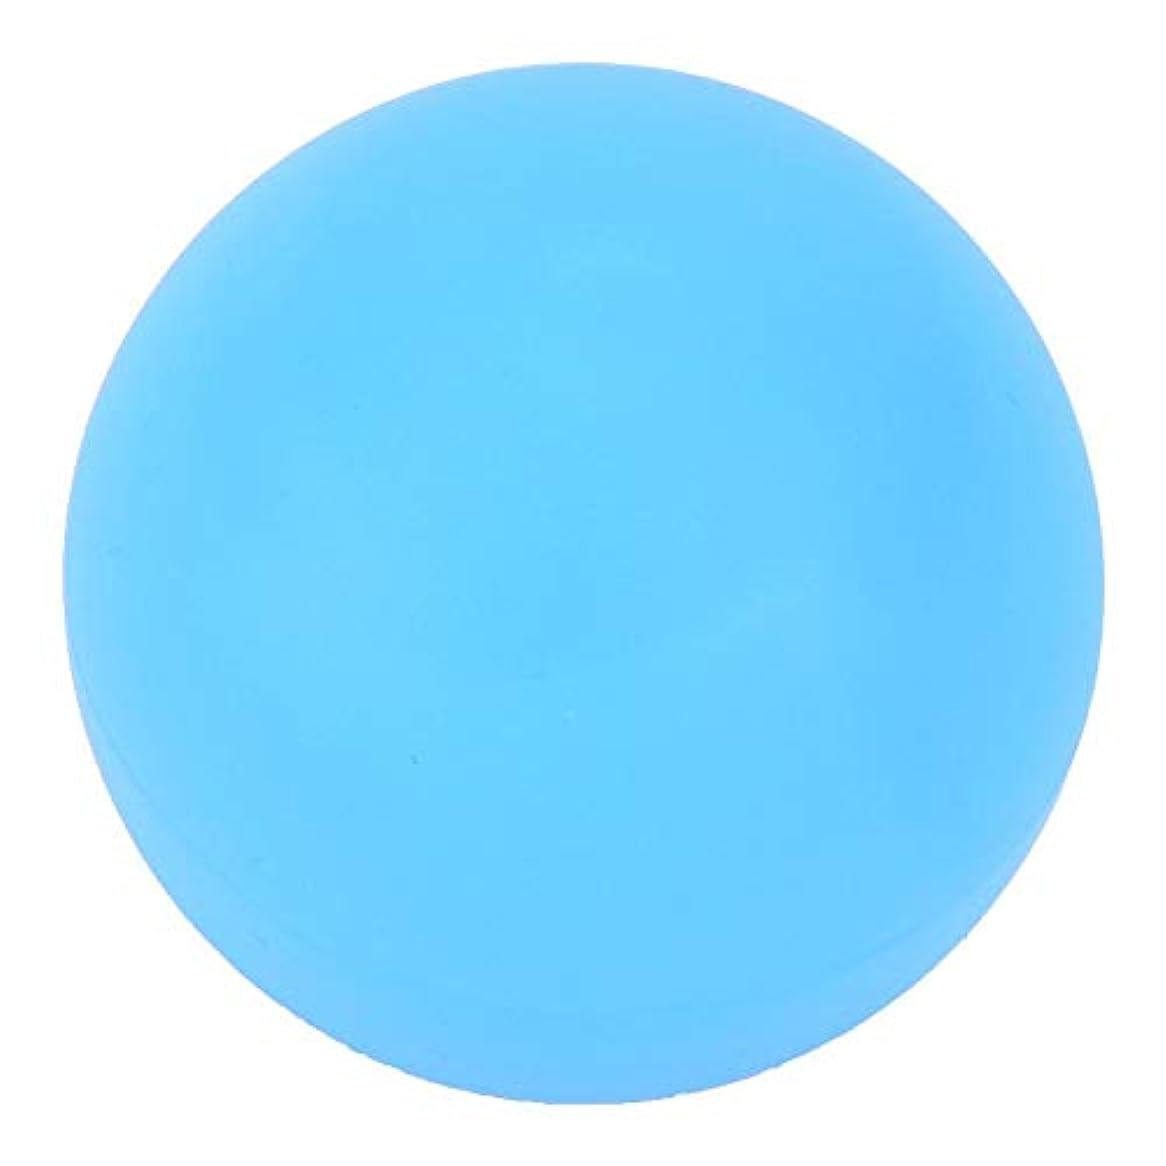 発見ピボットピストルマッサージボール 使いやすい 安全便利 トレーニング 首/肩/背中/腰/ふくらはぎ/足裏 ツボ押しグッズ 筋肉リラックスツール